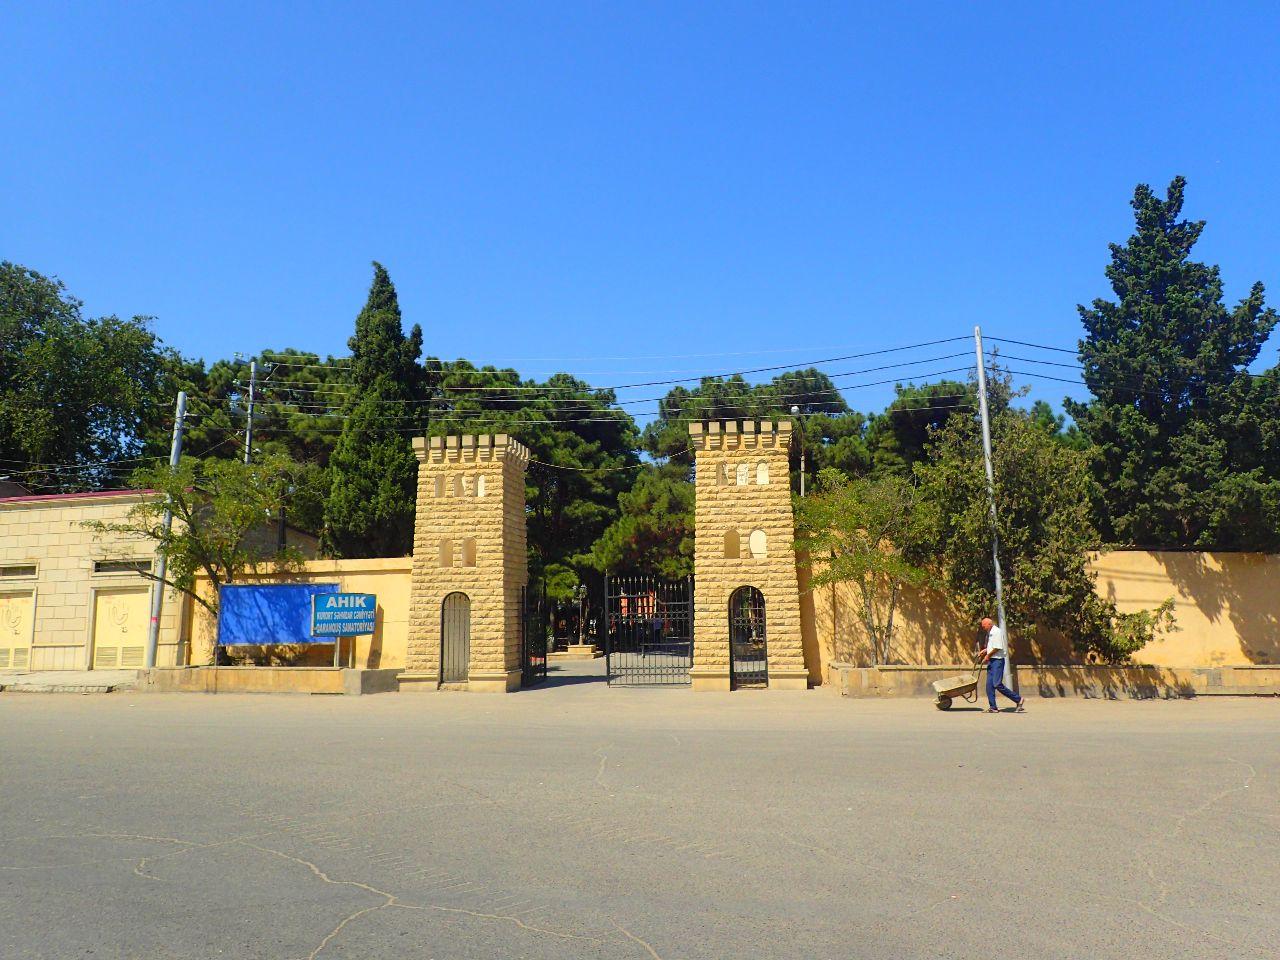 жаль, показать фото района мардакяны в городе баку канатной дороге совершили